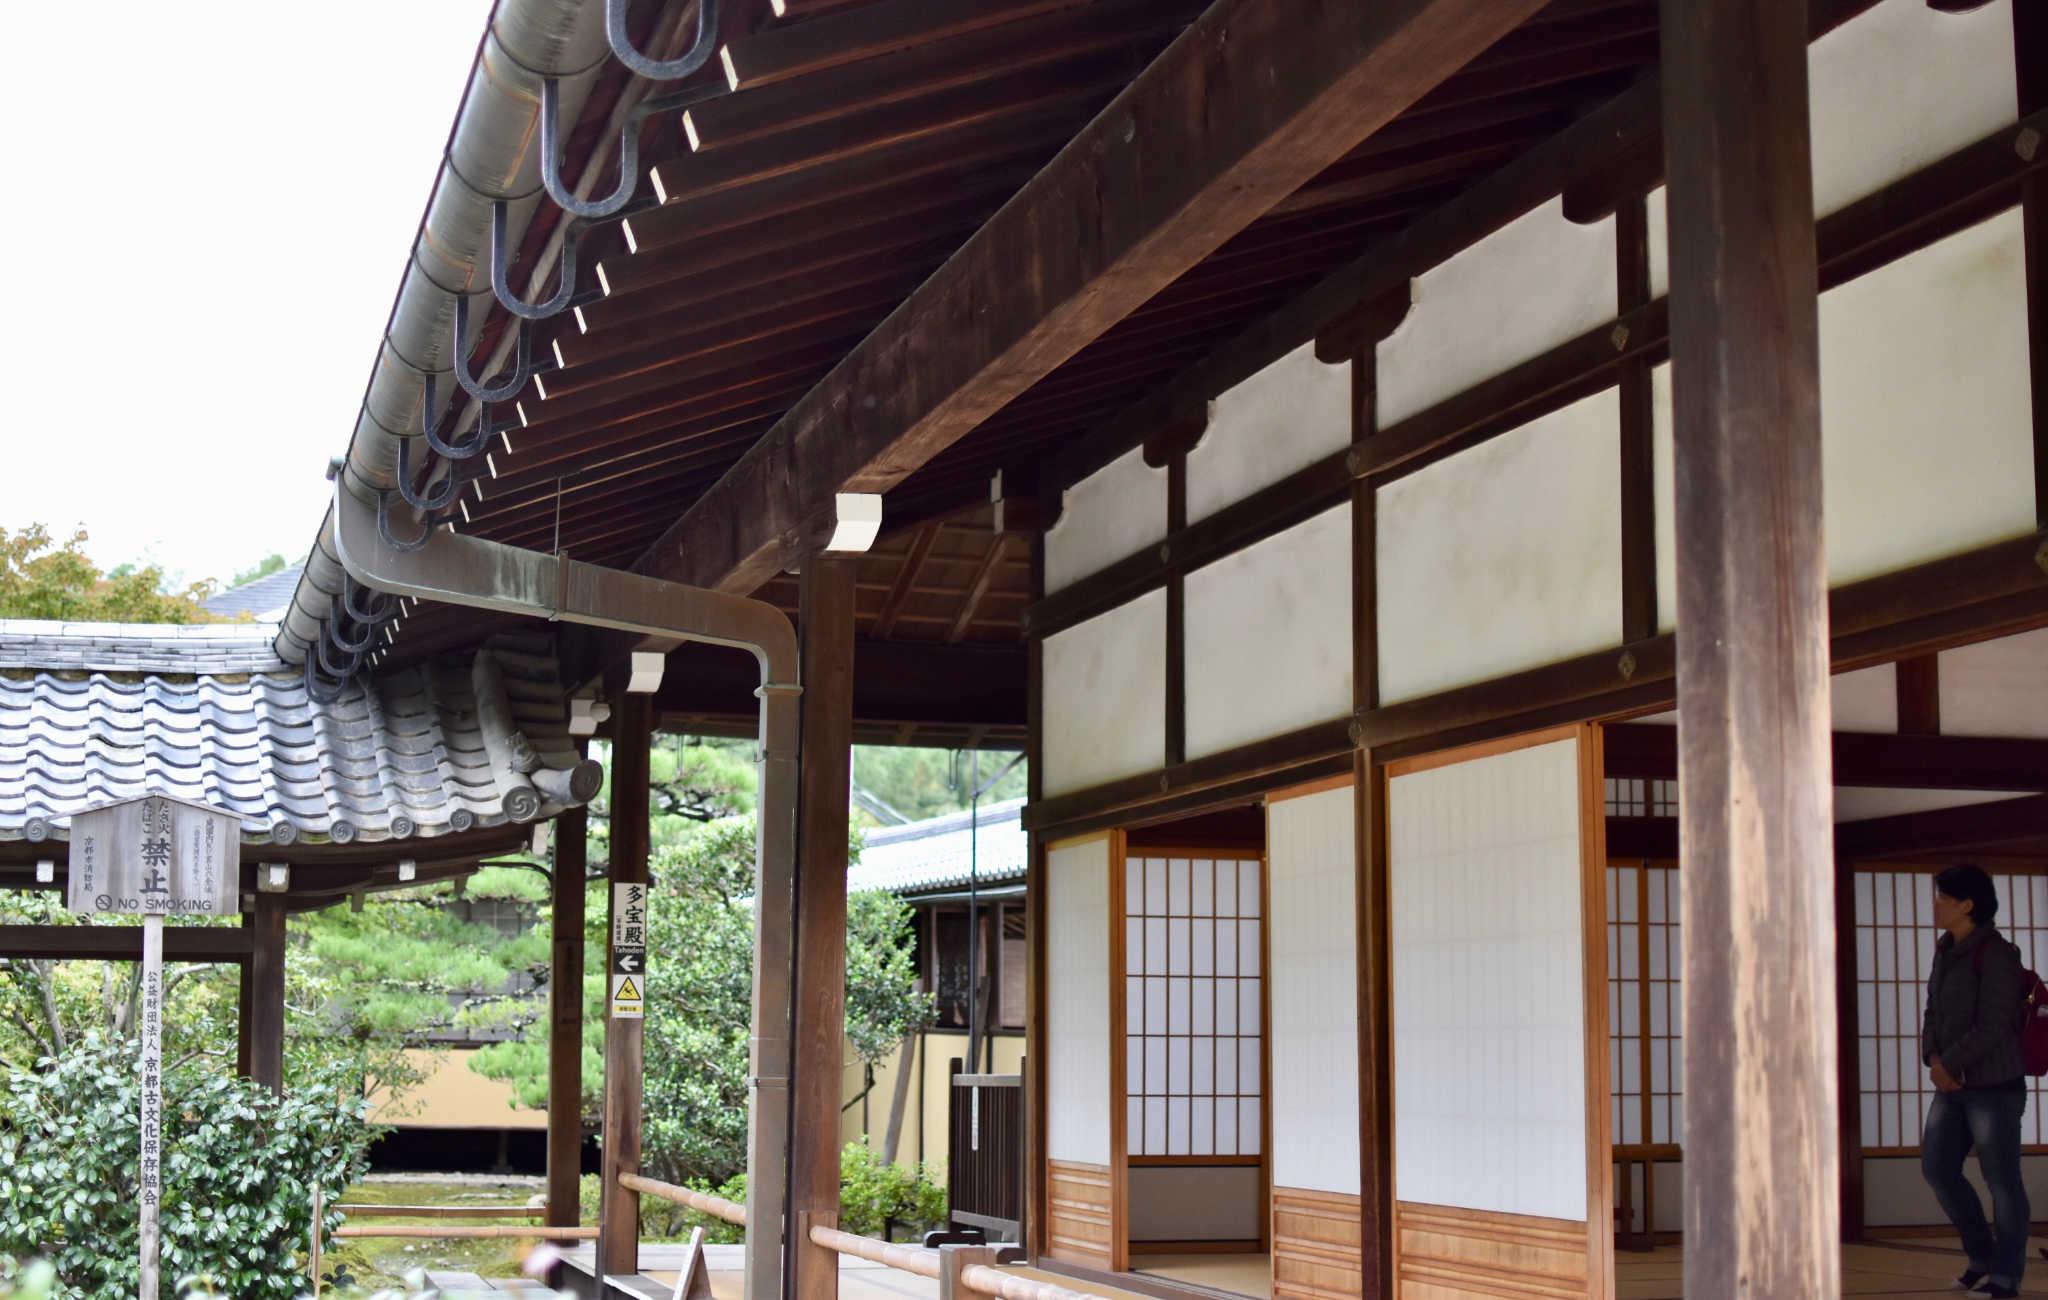 L'architecture du temple est très typique, avec ses panneaux shoji et son intérieur en tatami